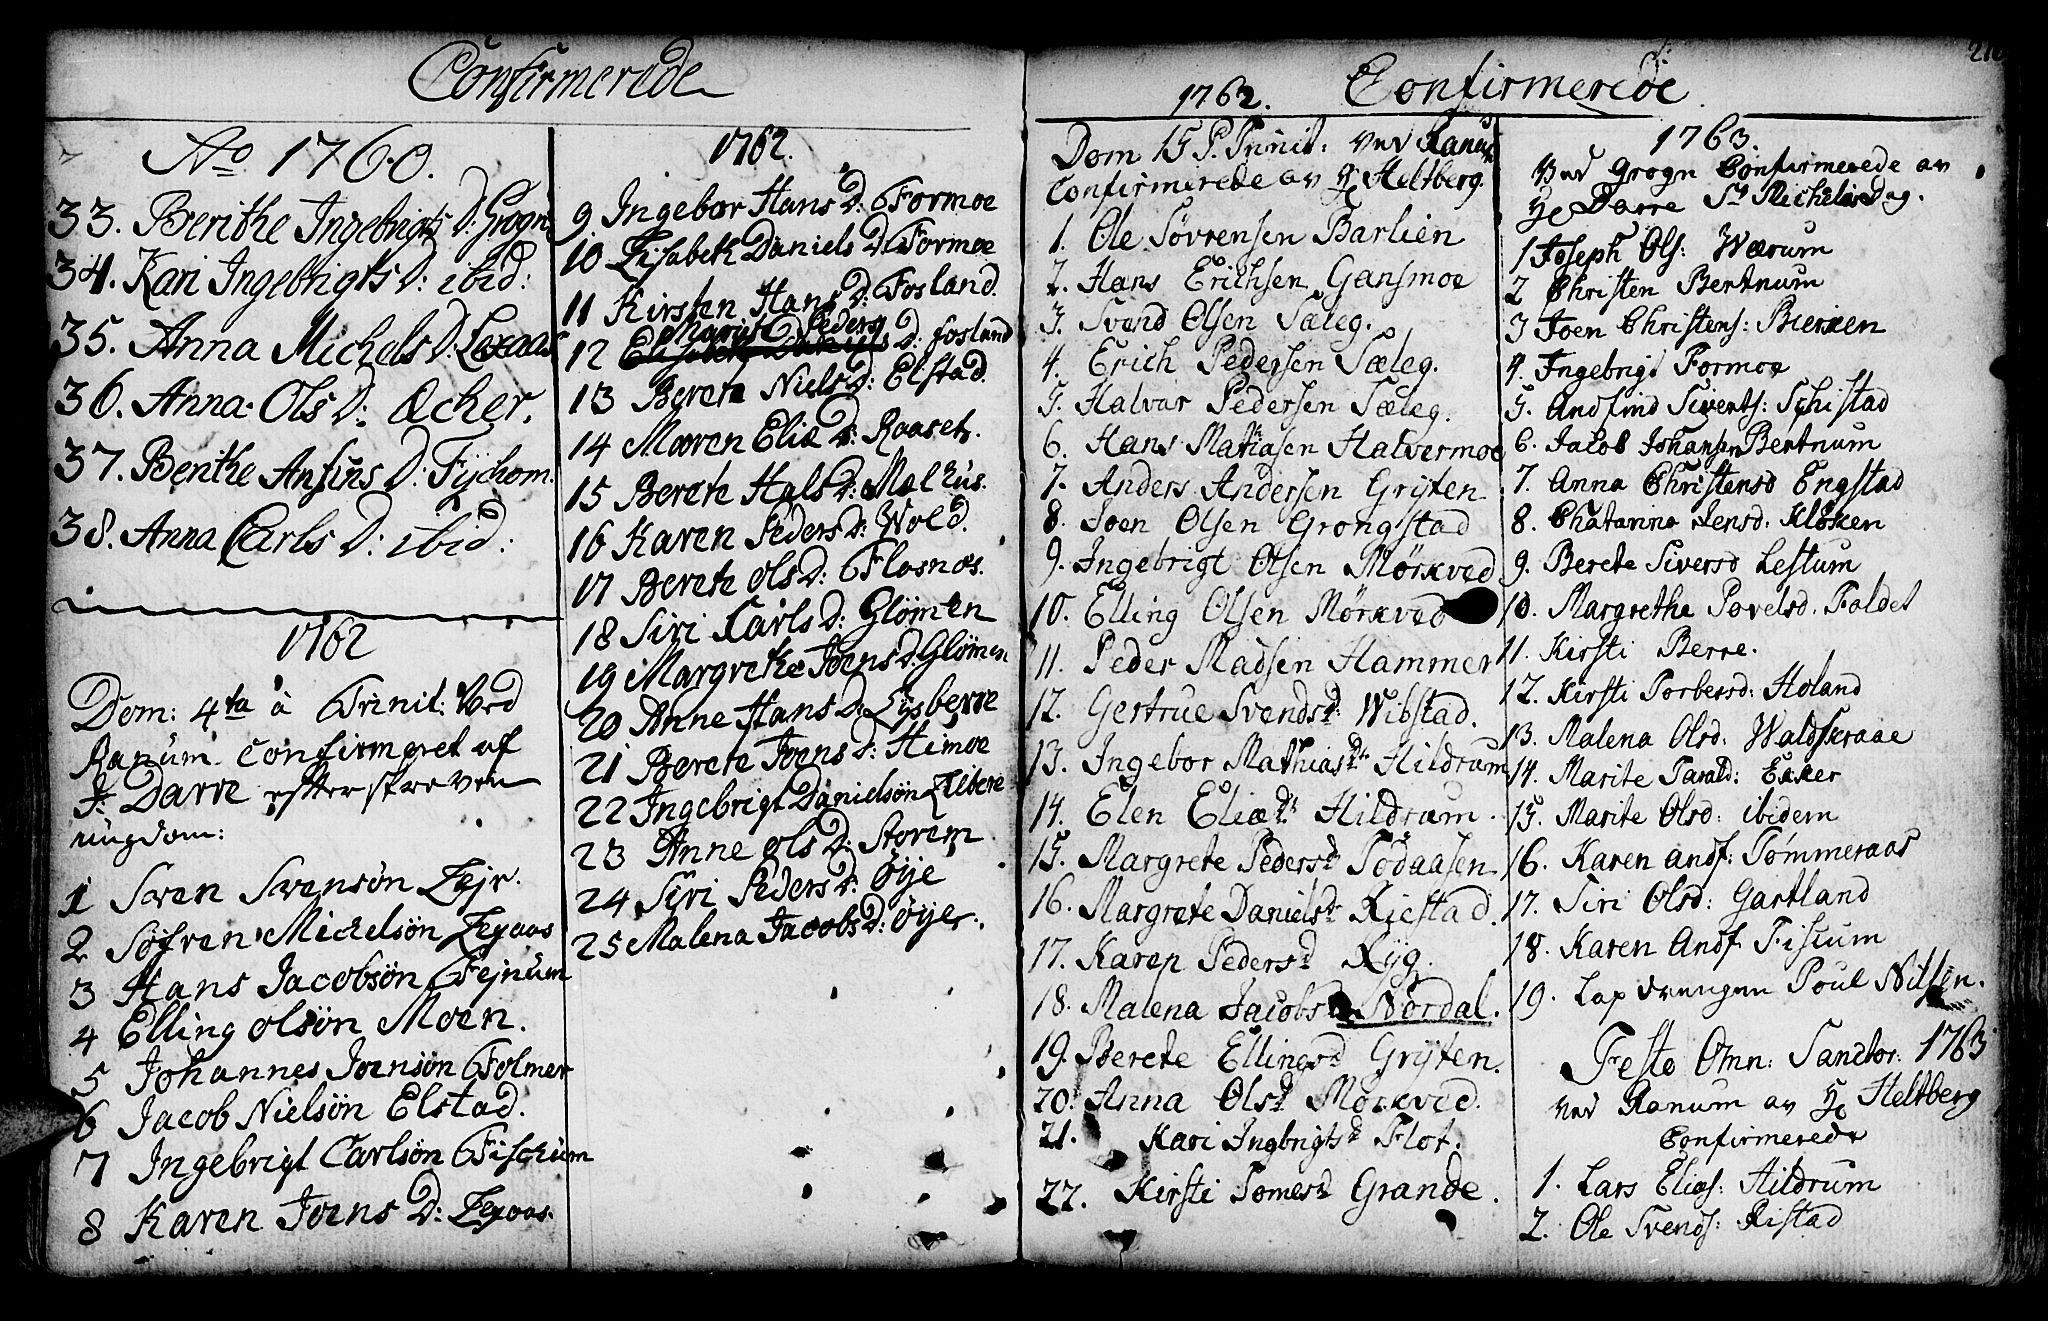 SAT, Ministerialprotokoller, klokkerbøker og fødselsregistre - Nord-Trøndelag, 764/L0542: Ministerialbok nr. 764A02, 1748-1779, s. 216